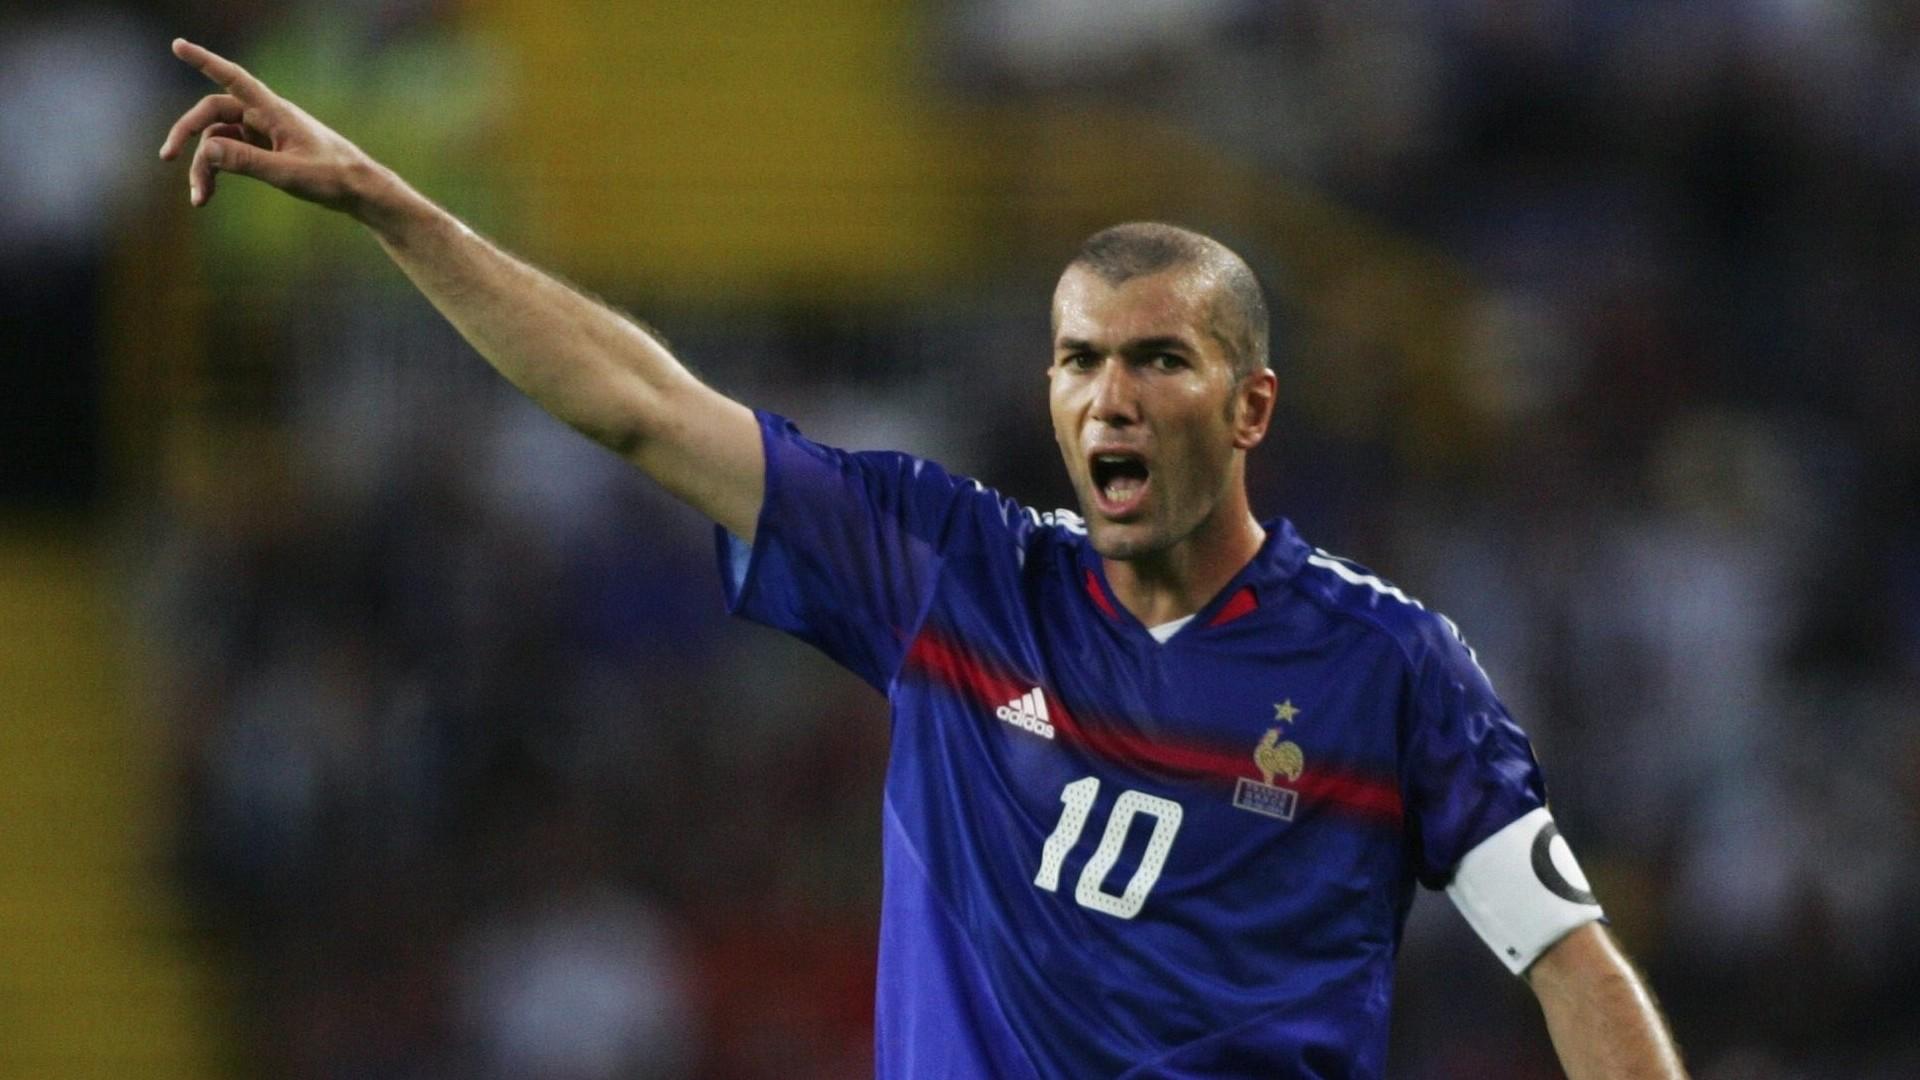 Zinedine Zidane (81+ Wallpaper images)